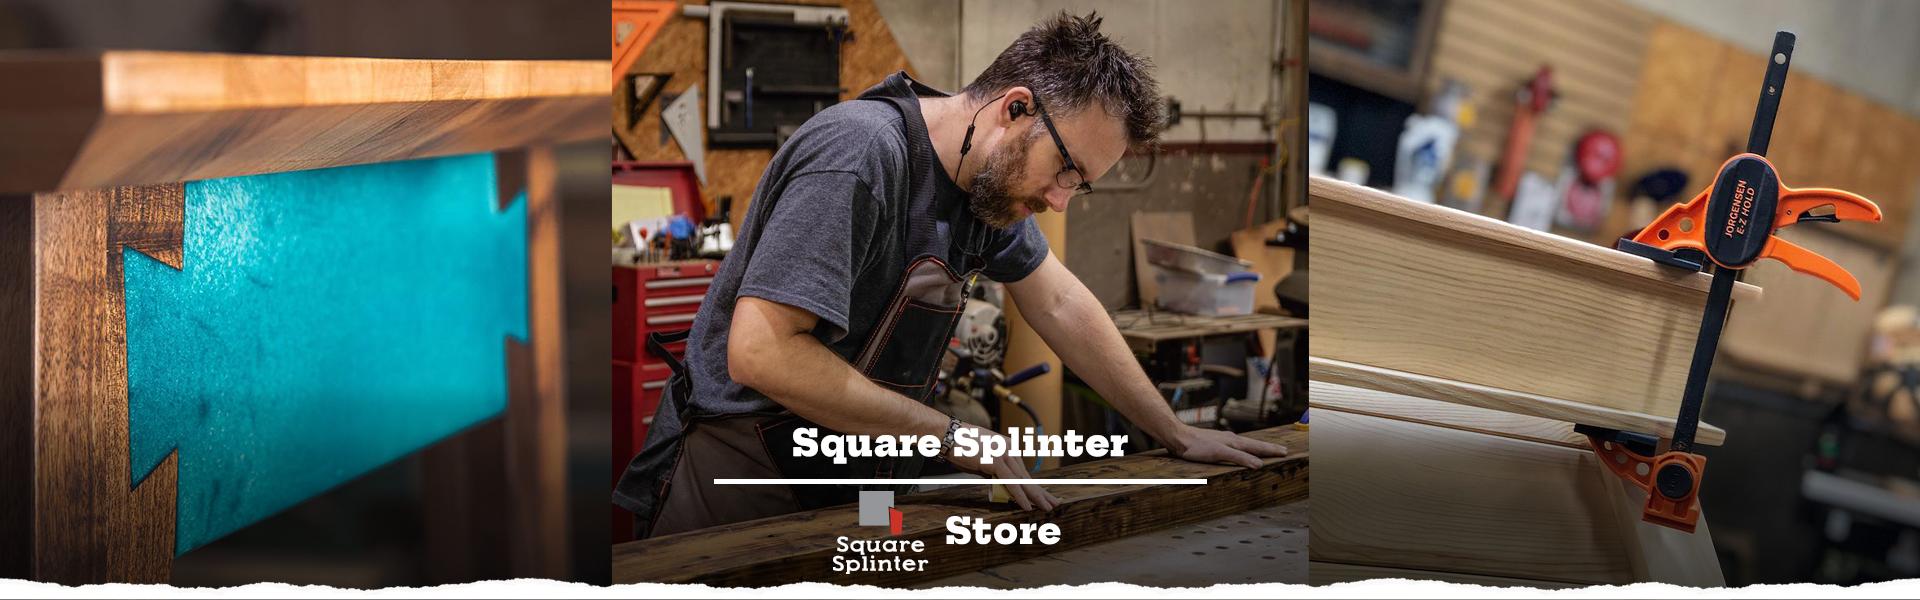 square-splinter-banner.png